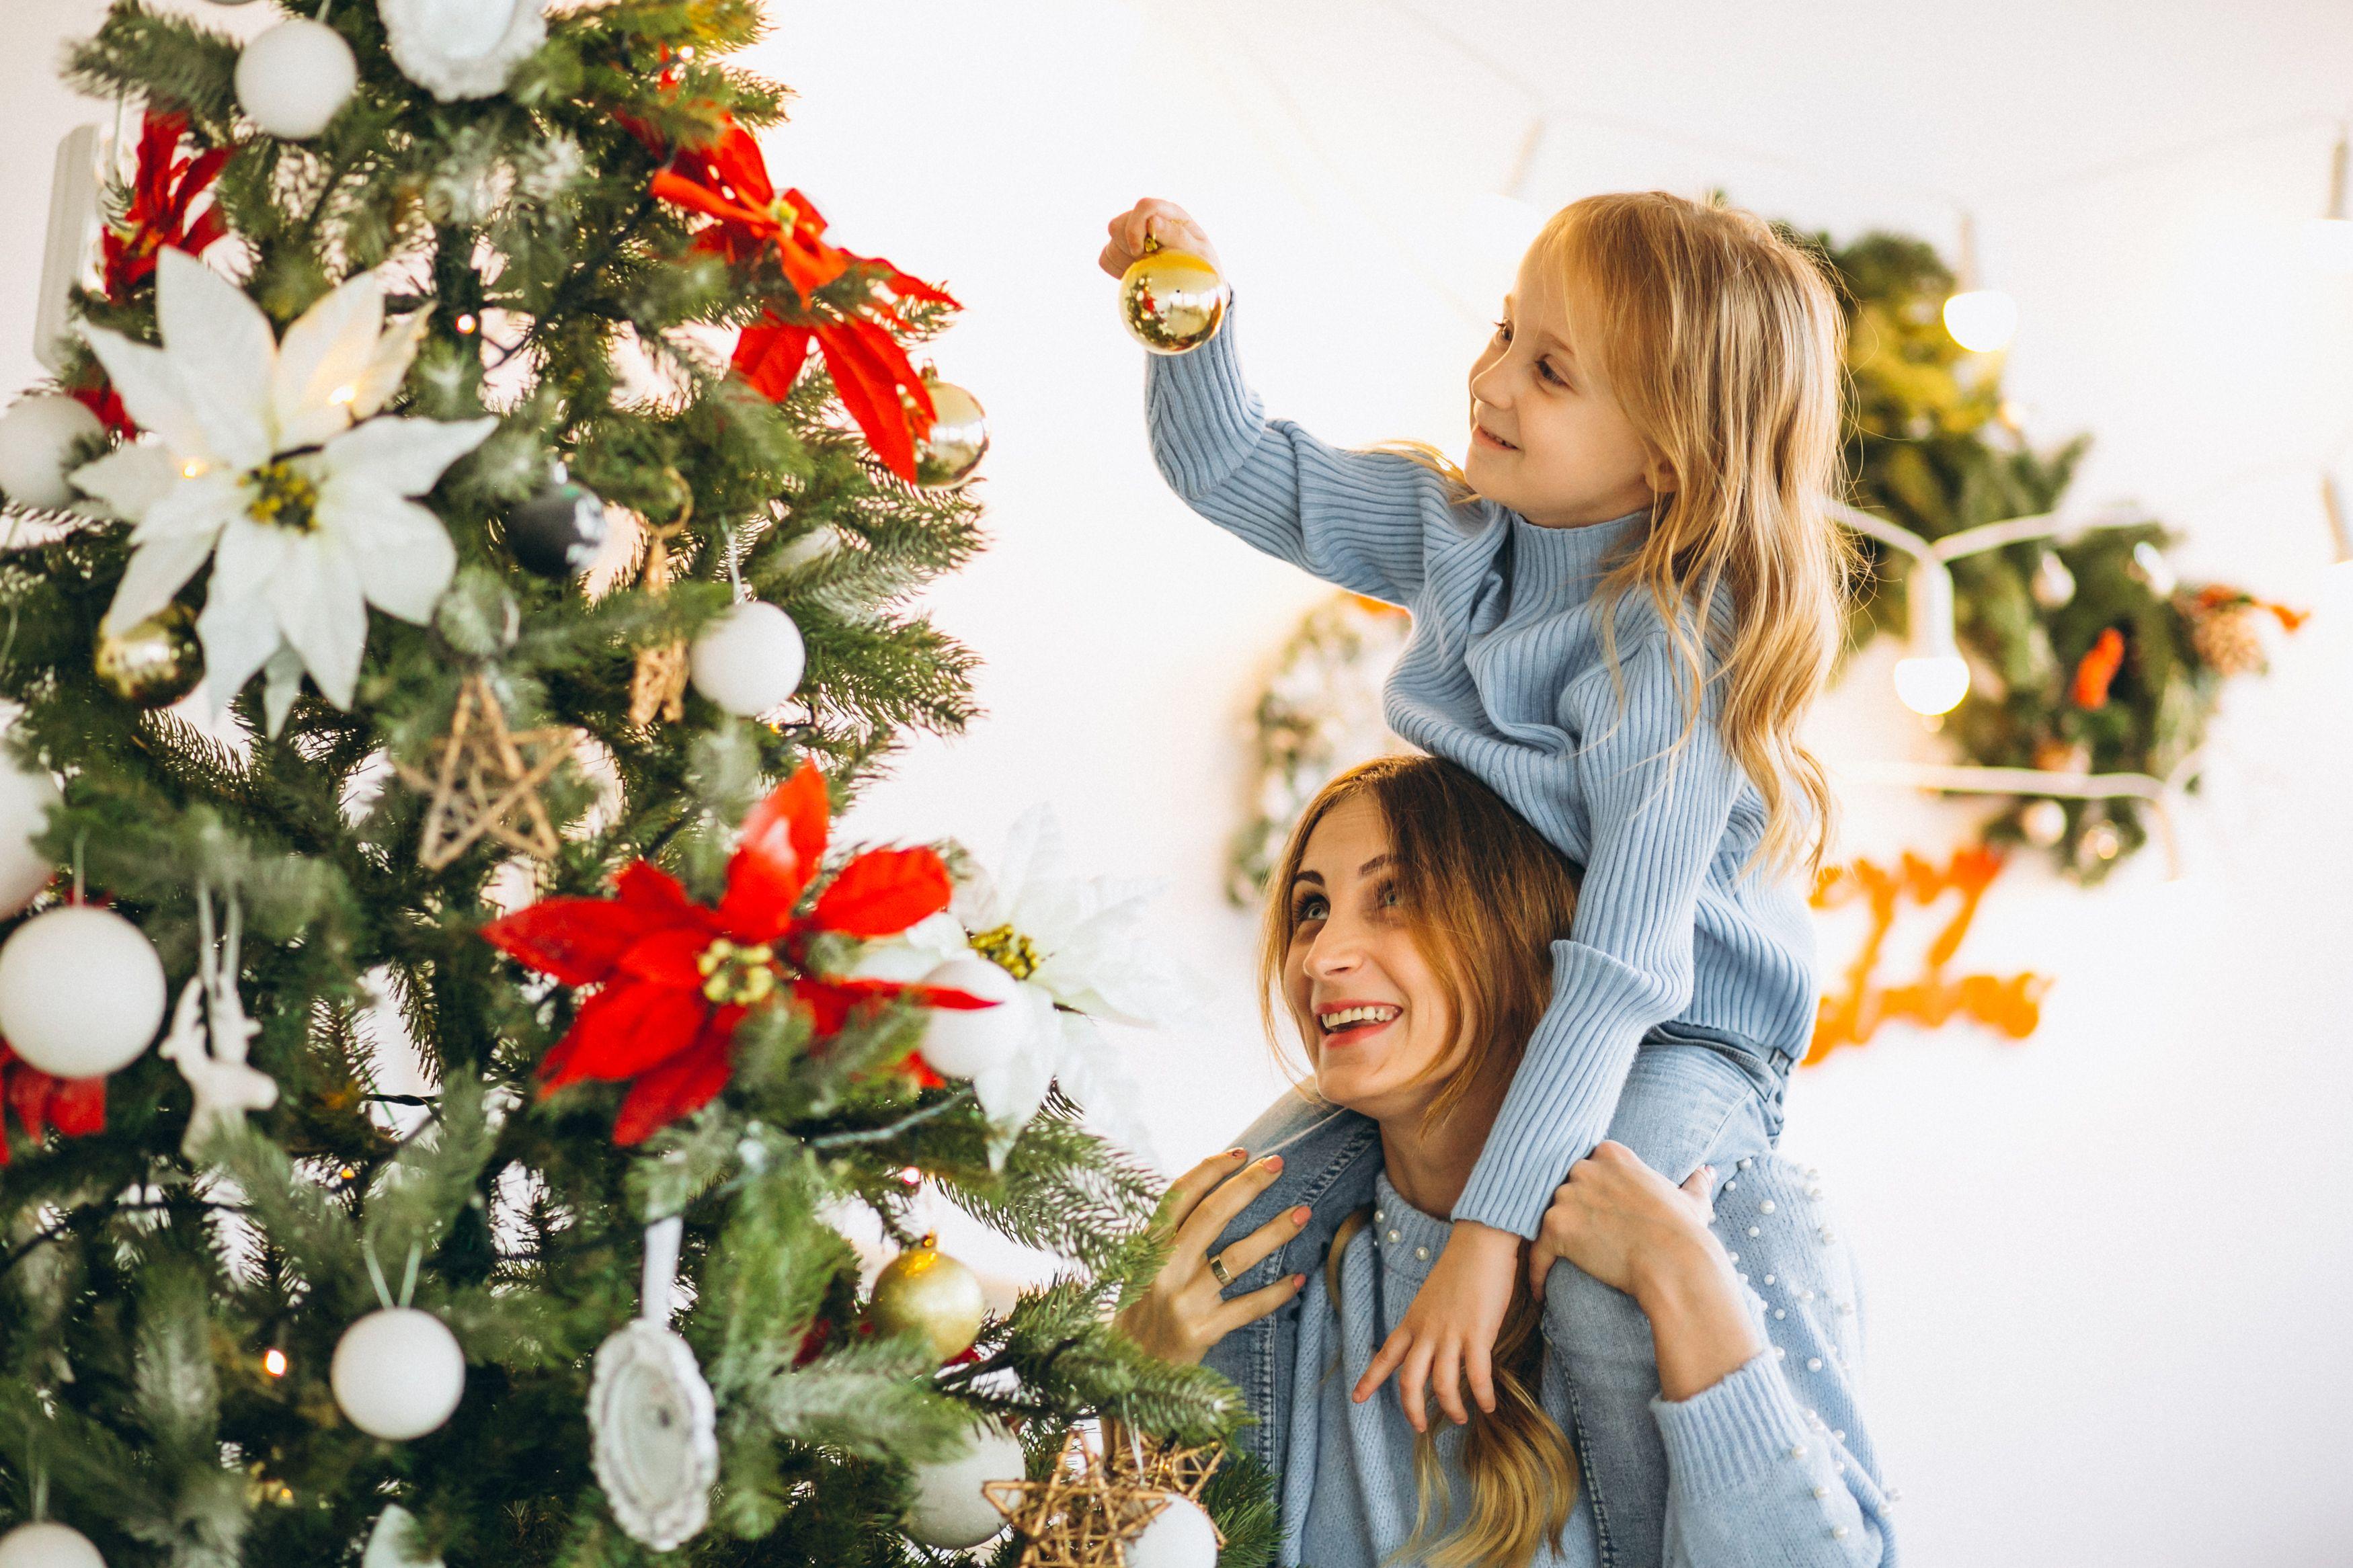 La importancia de decorar tu primera casa en Navidad - Grupo Gabriel Rojas